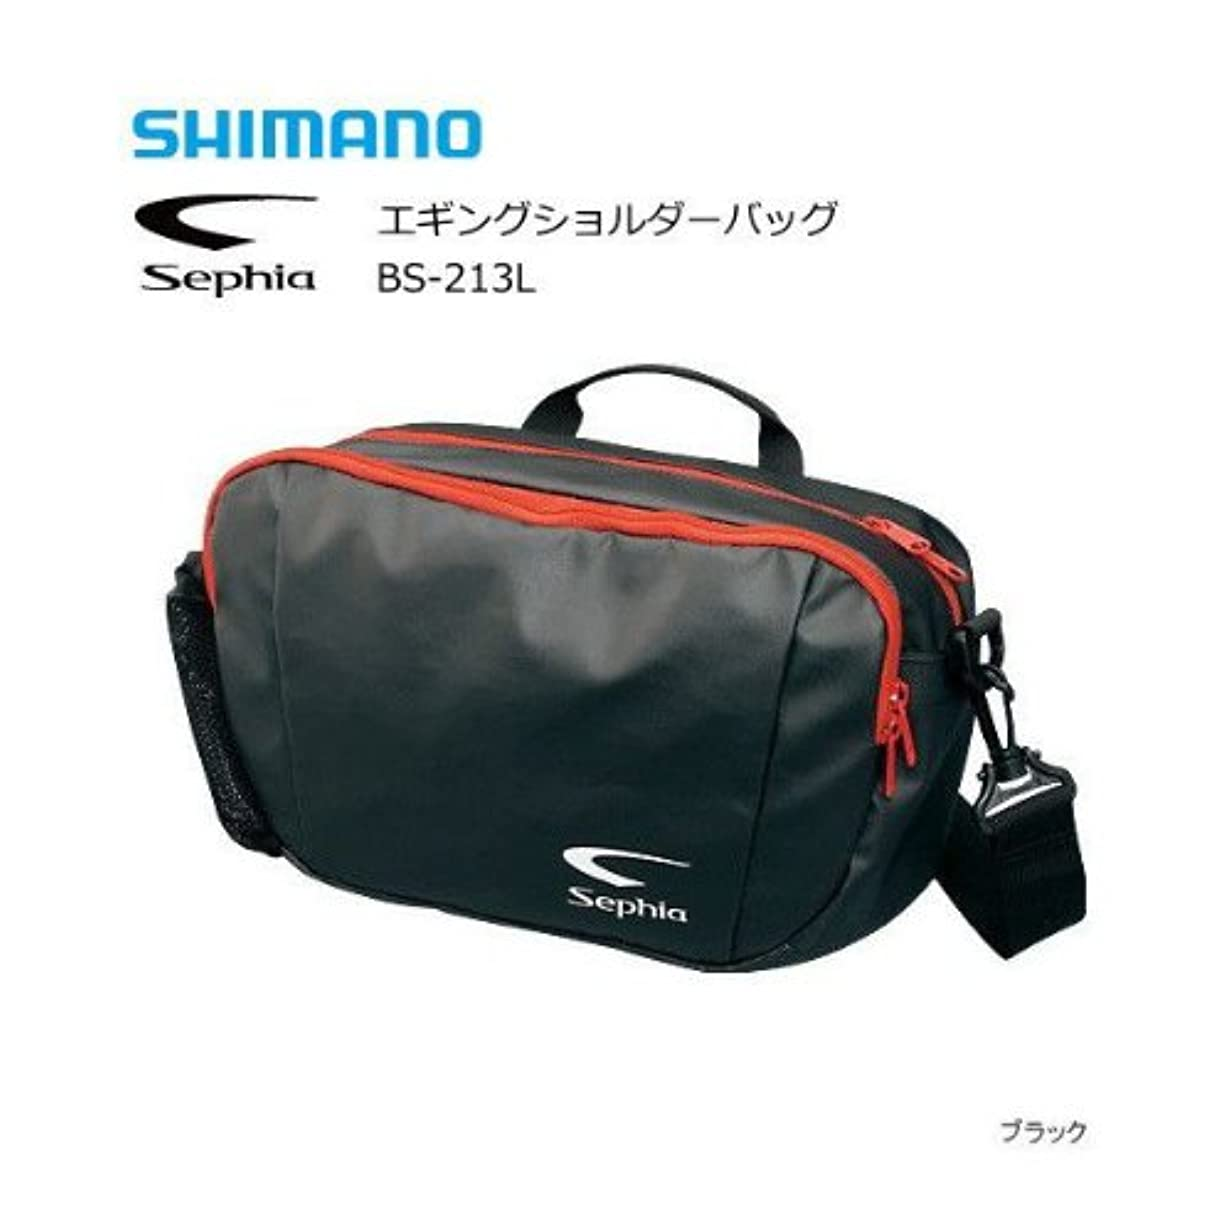 争う主張登山家シマノ(SHIMANO) セフィア エギングショルダーバッグ BS-213L ブラック 784599  釣り バッグ